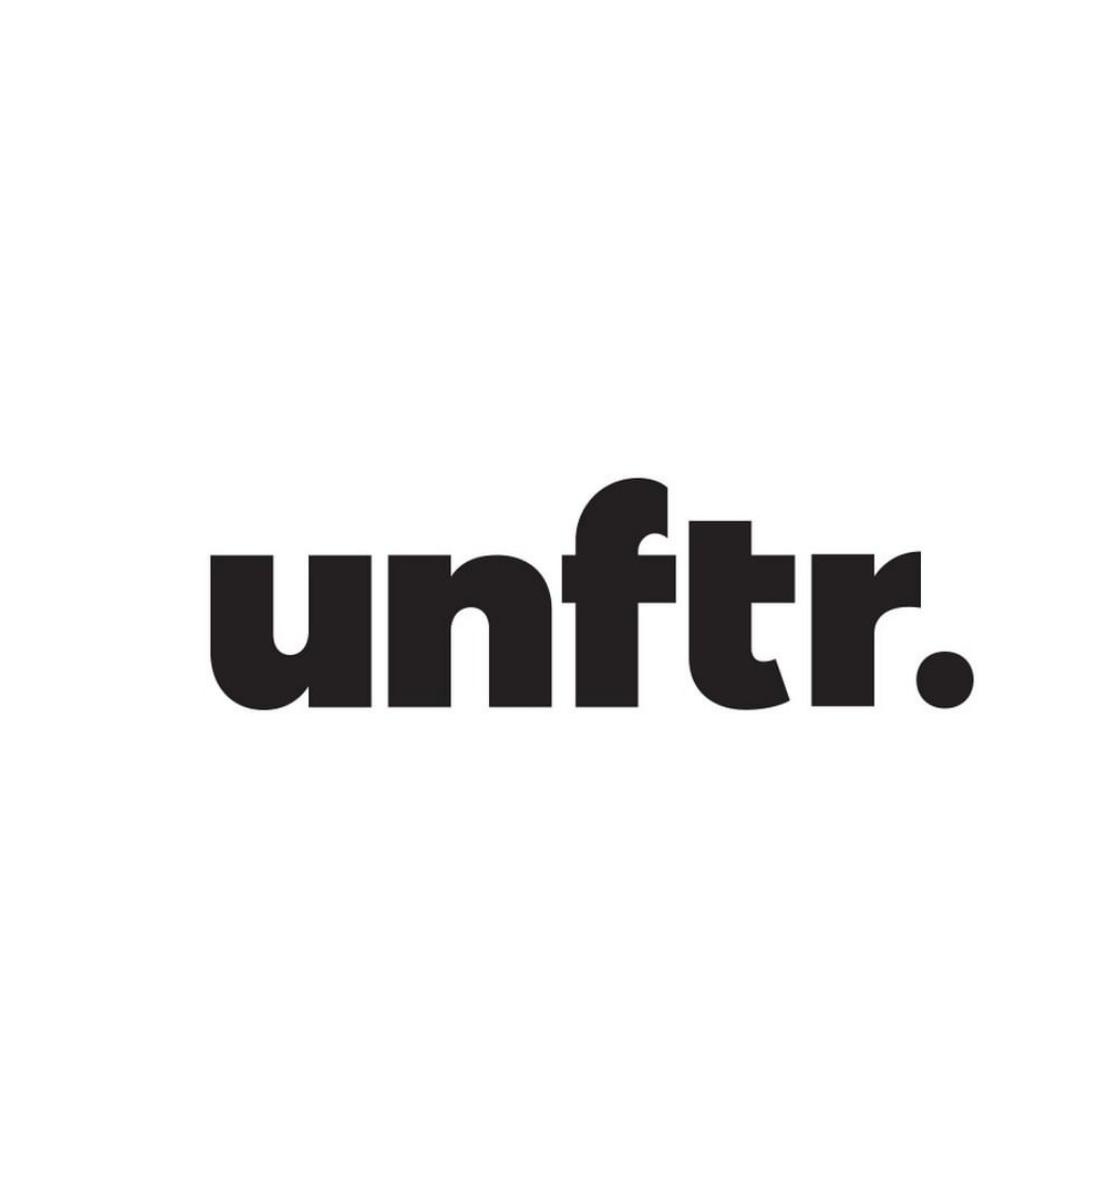 Unfutur Studio